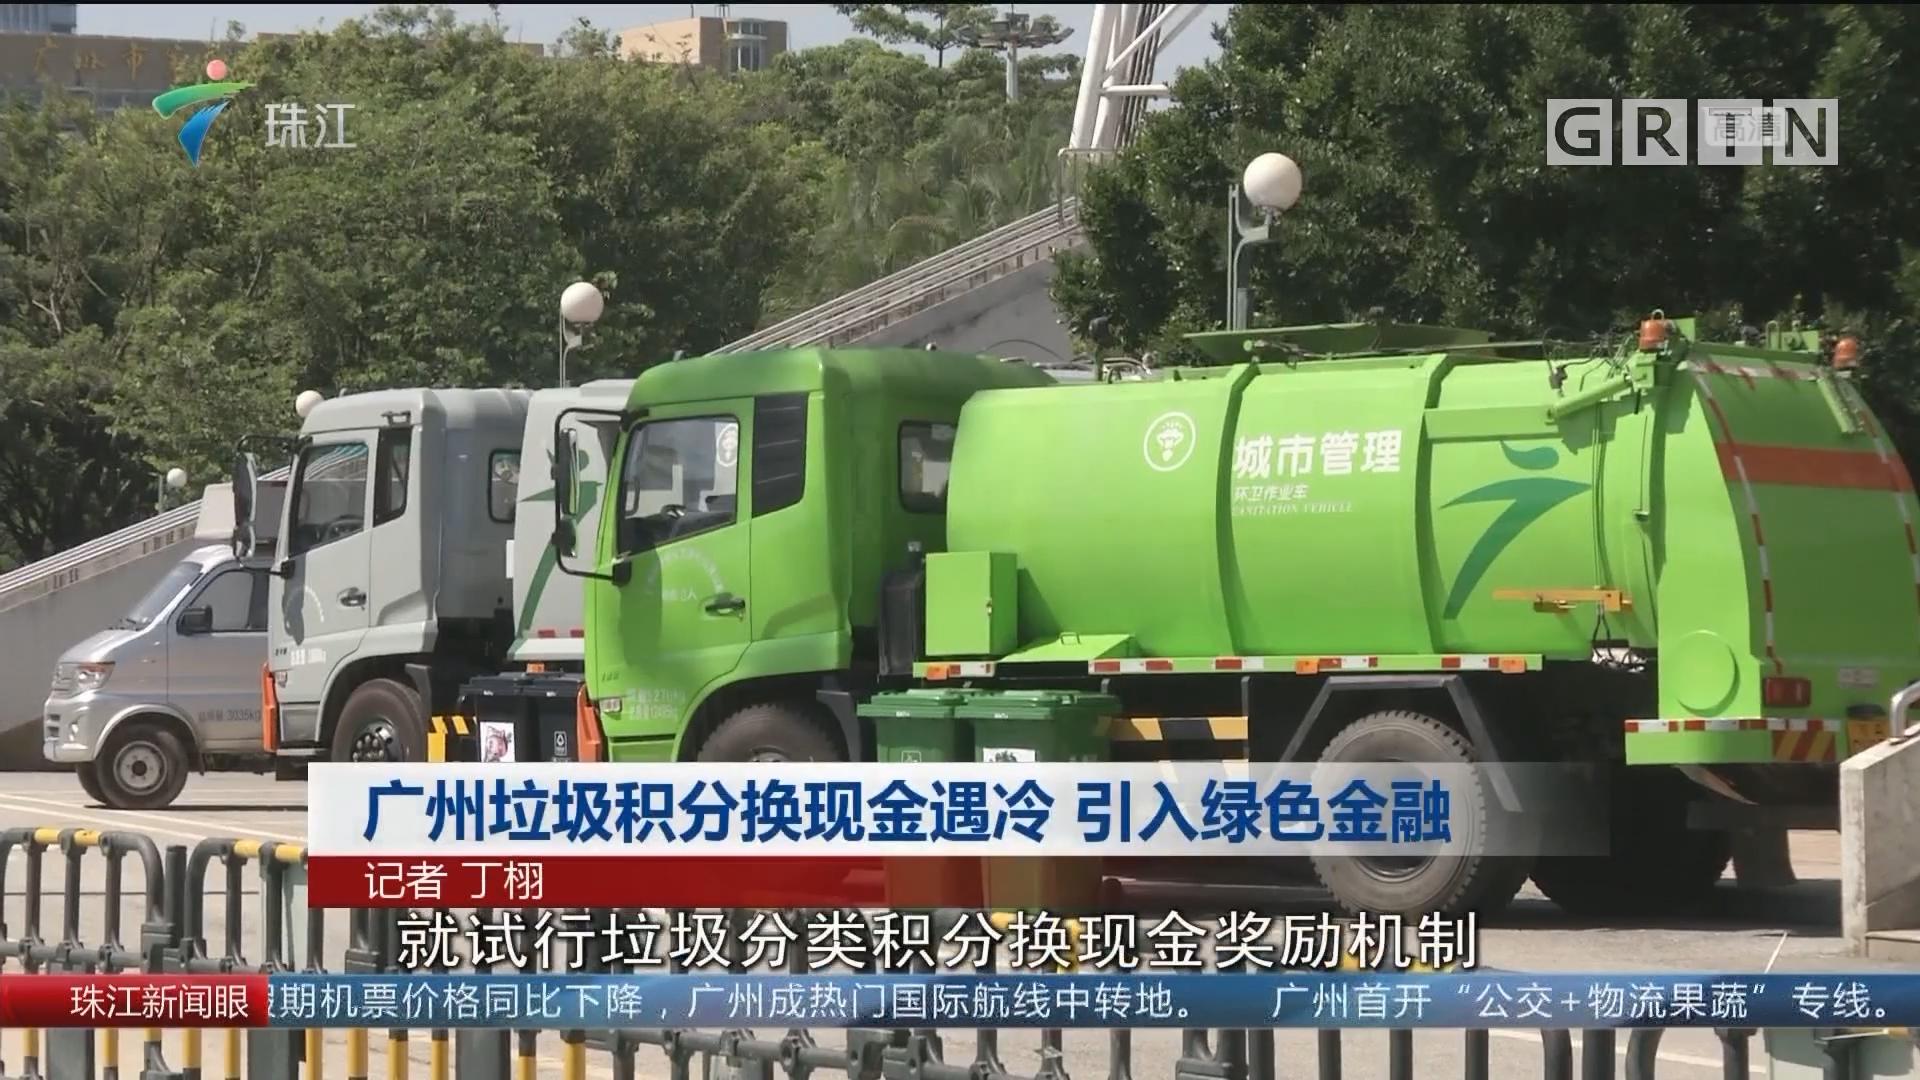 广州垃圾积分换现金遇冷 引入绿色金融